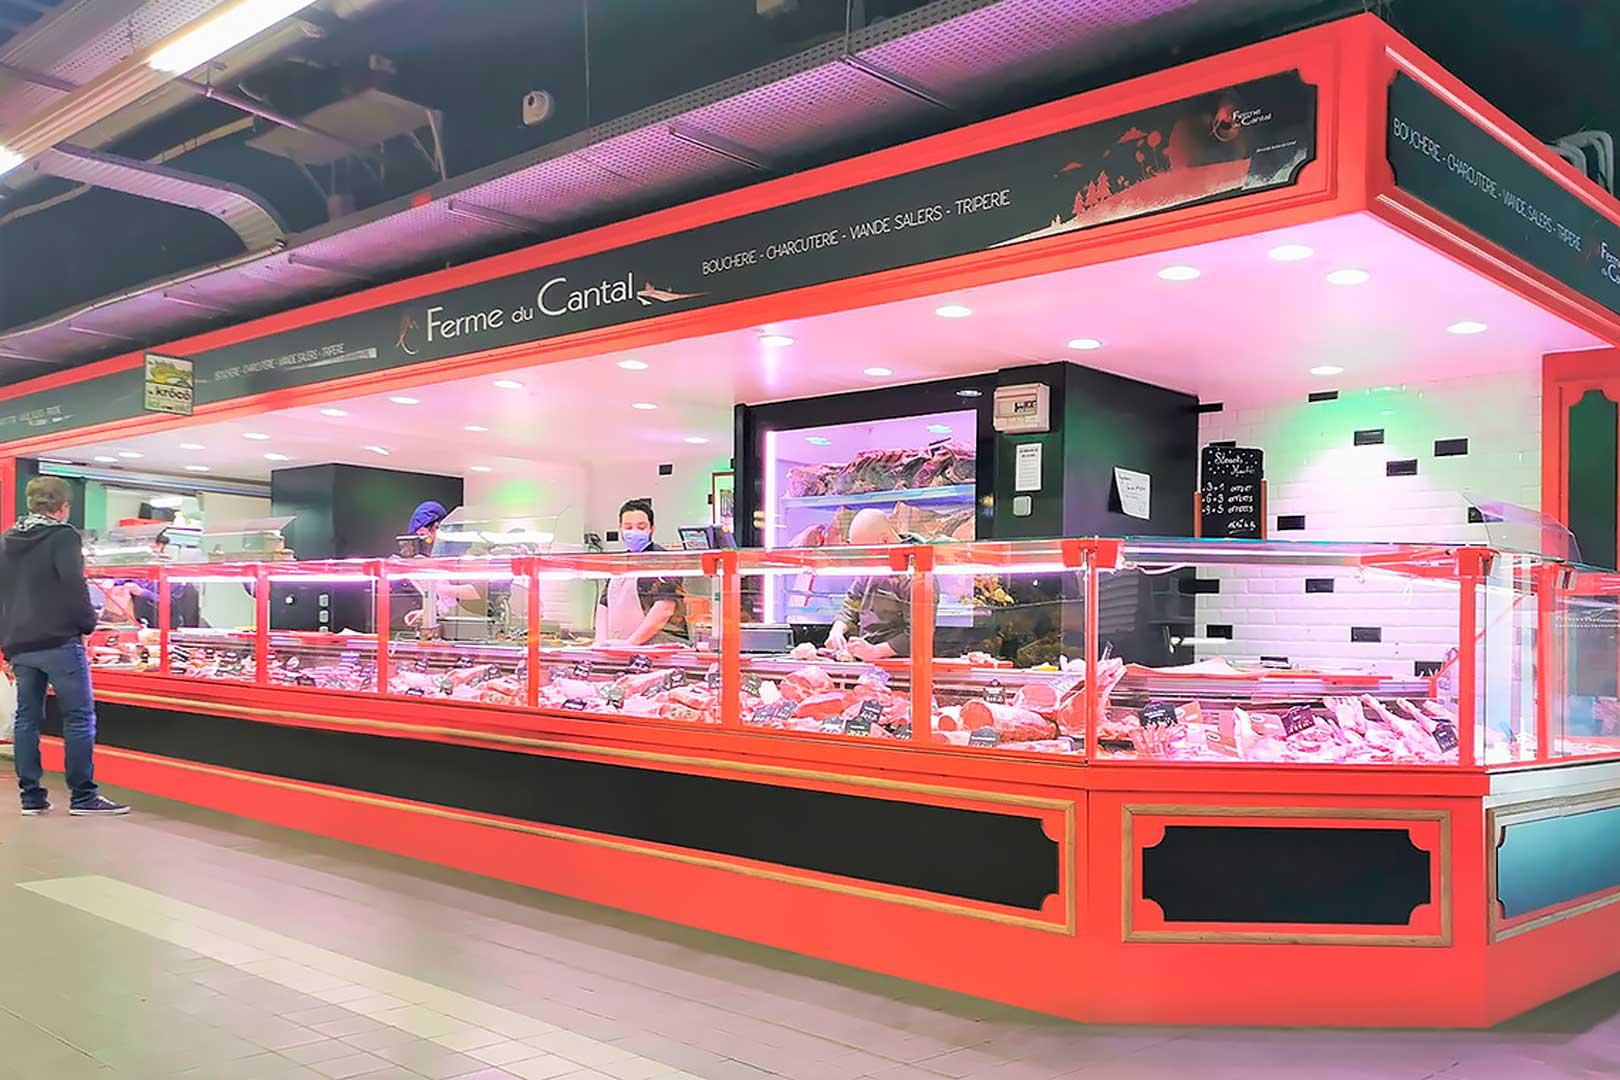 Холодильні вітрини Missouri MC 120 M, магазин LA FERME DU CANTAL у Франції